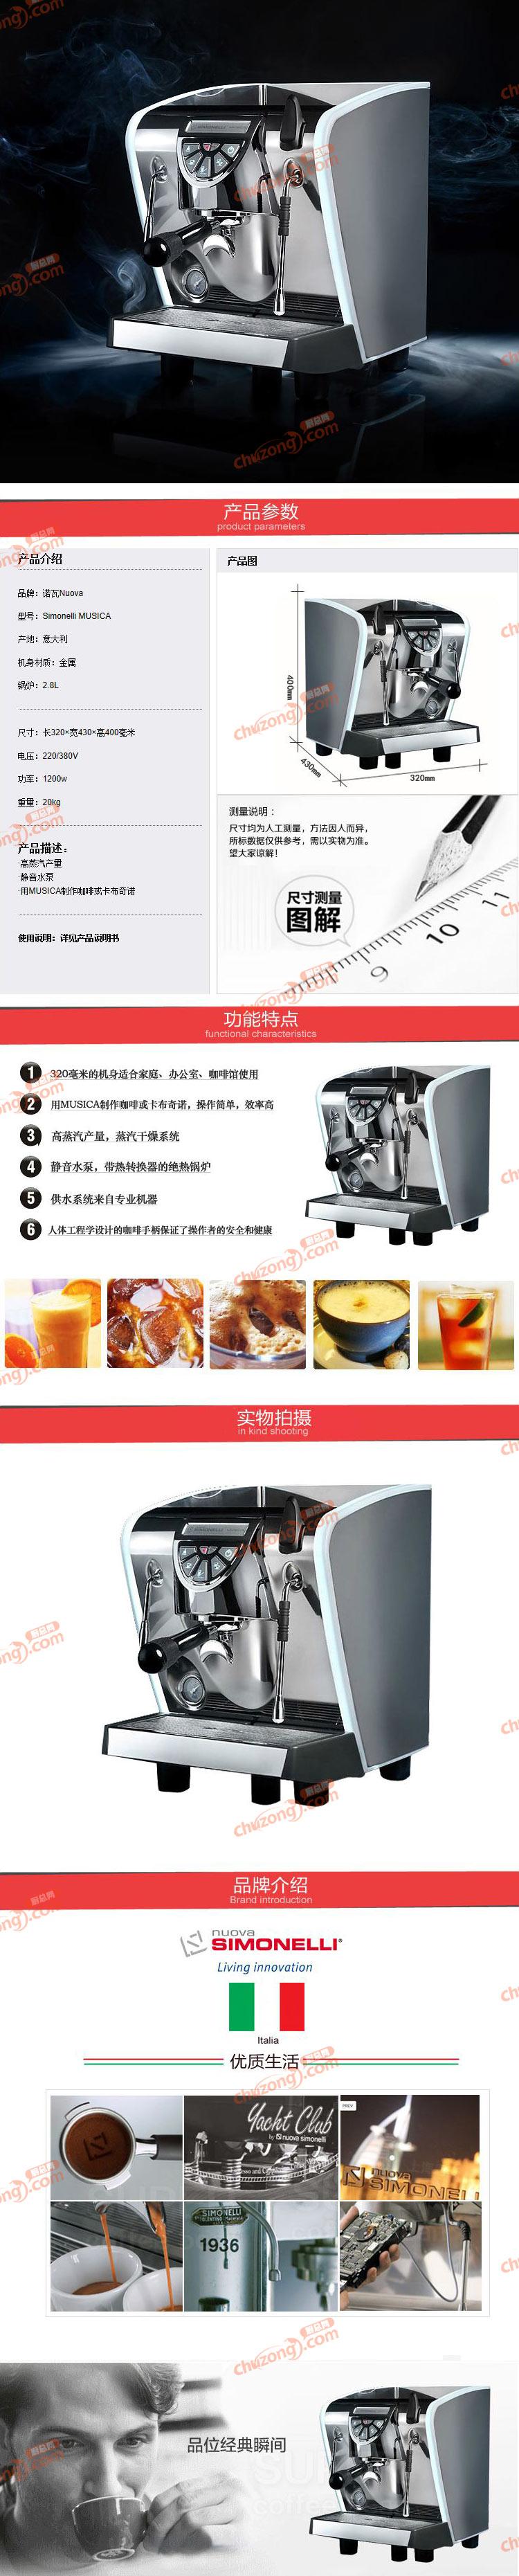 意大利诺瓦半自动咖啡机图片